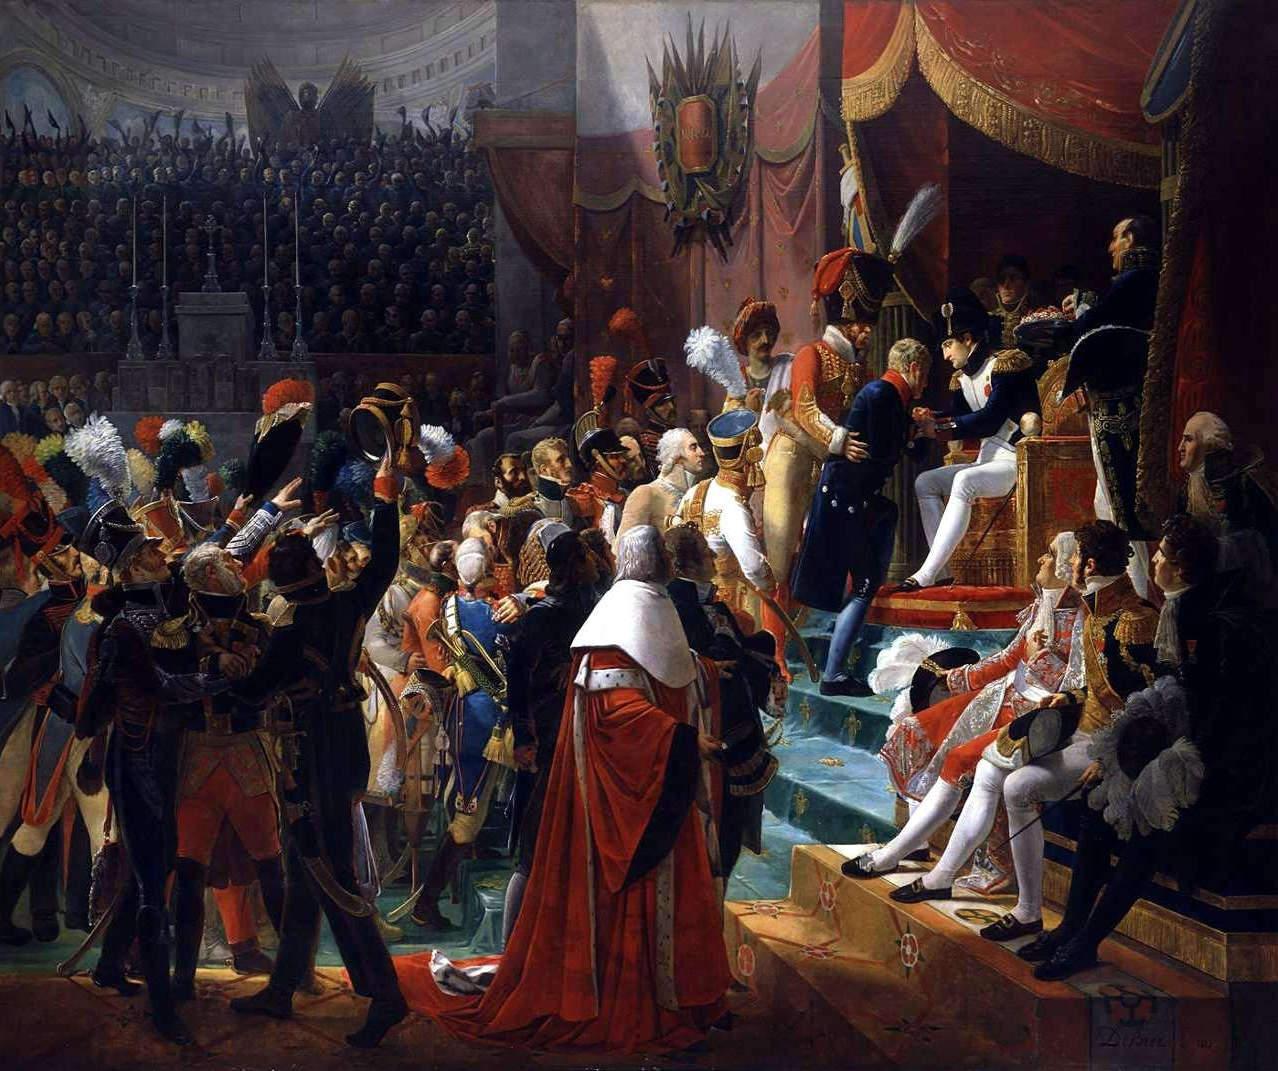 """(""""Première distribution des décorations de la Légion d'honneur dans l'église des Invalides, le 14 juillet 1804""""), 1812, Öl auf Leinwand, Musée national du château de Versailles<br>Quelle: <a href=""""https://commons.wikimedia.org/wiki/File:Debret_-_Premiere_distribution_des_decorations_de_la_Legion_d%27honneur.jpg"""">User:Frank Schulenburg / Wikimedia Commons</a><br>Lizenz: Gemeinfrei"""